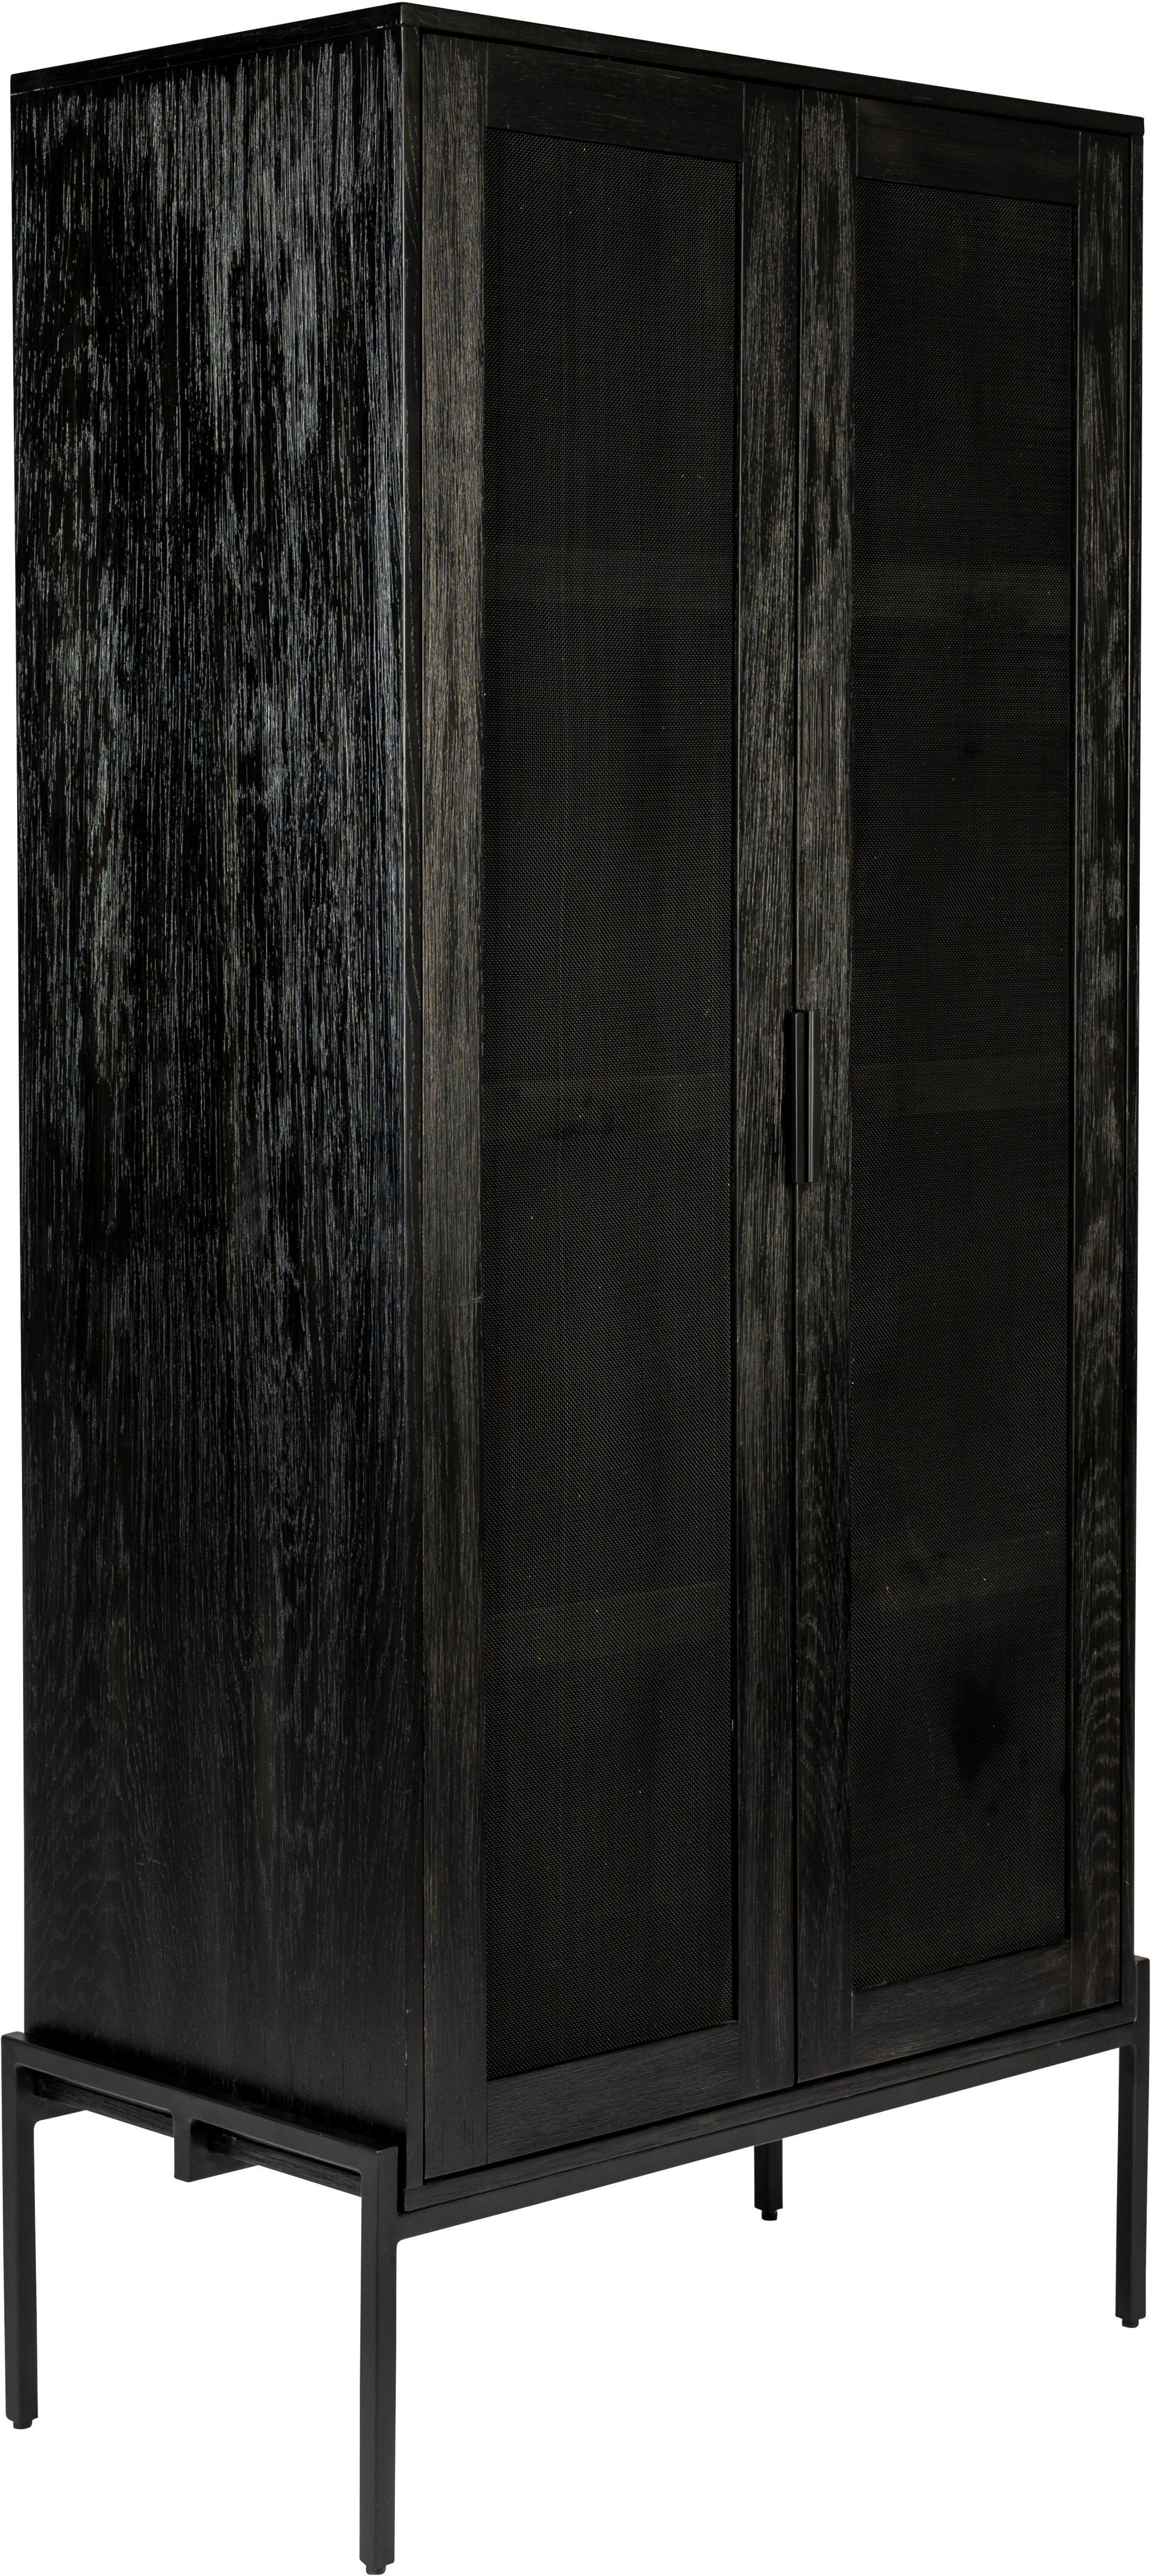 Highboard Hardy aus Holz und Metall, Gestell: Mitteldichte Holzfaserpla, Beine: Metall, beschichtet, Schwarz, 80 x 180 cm